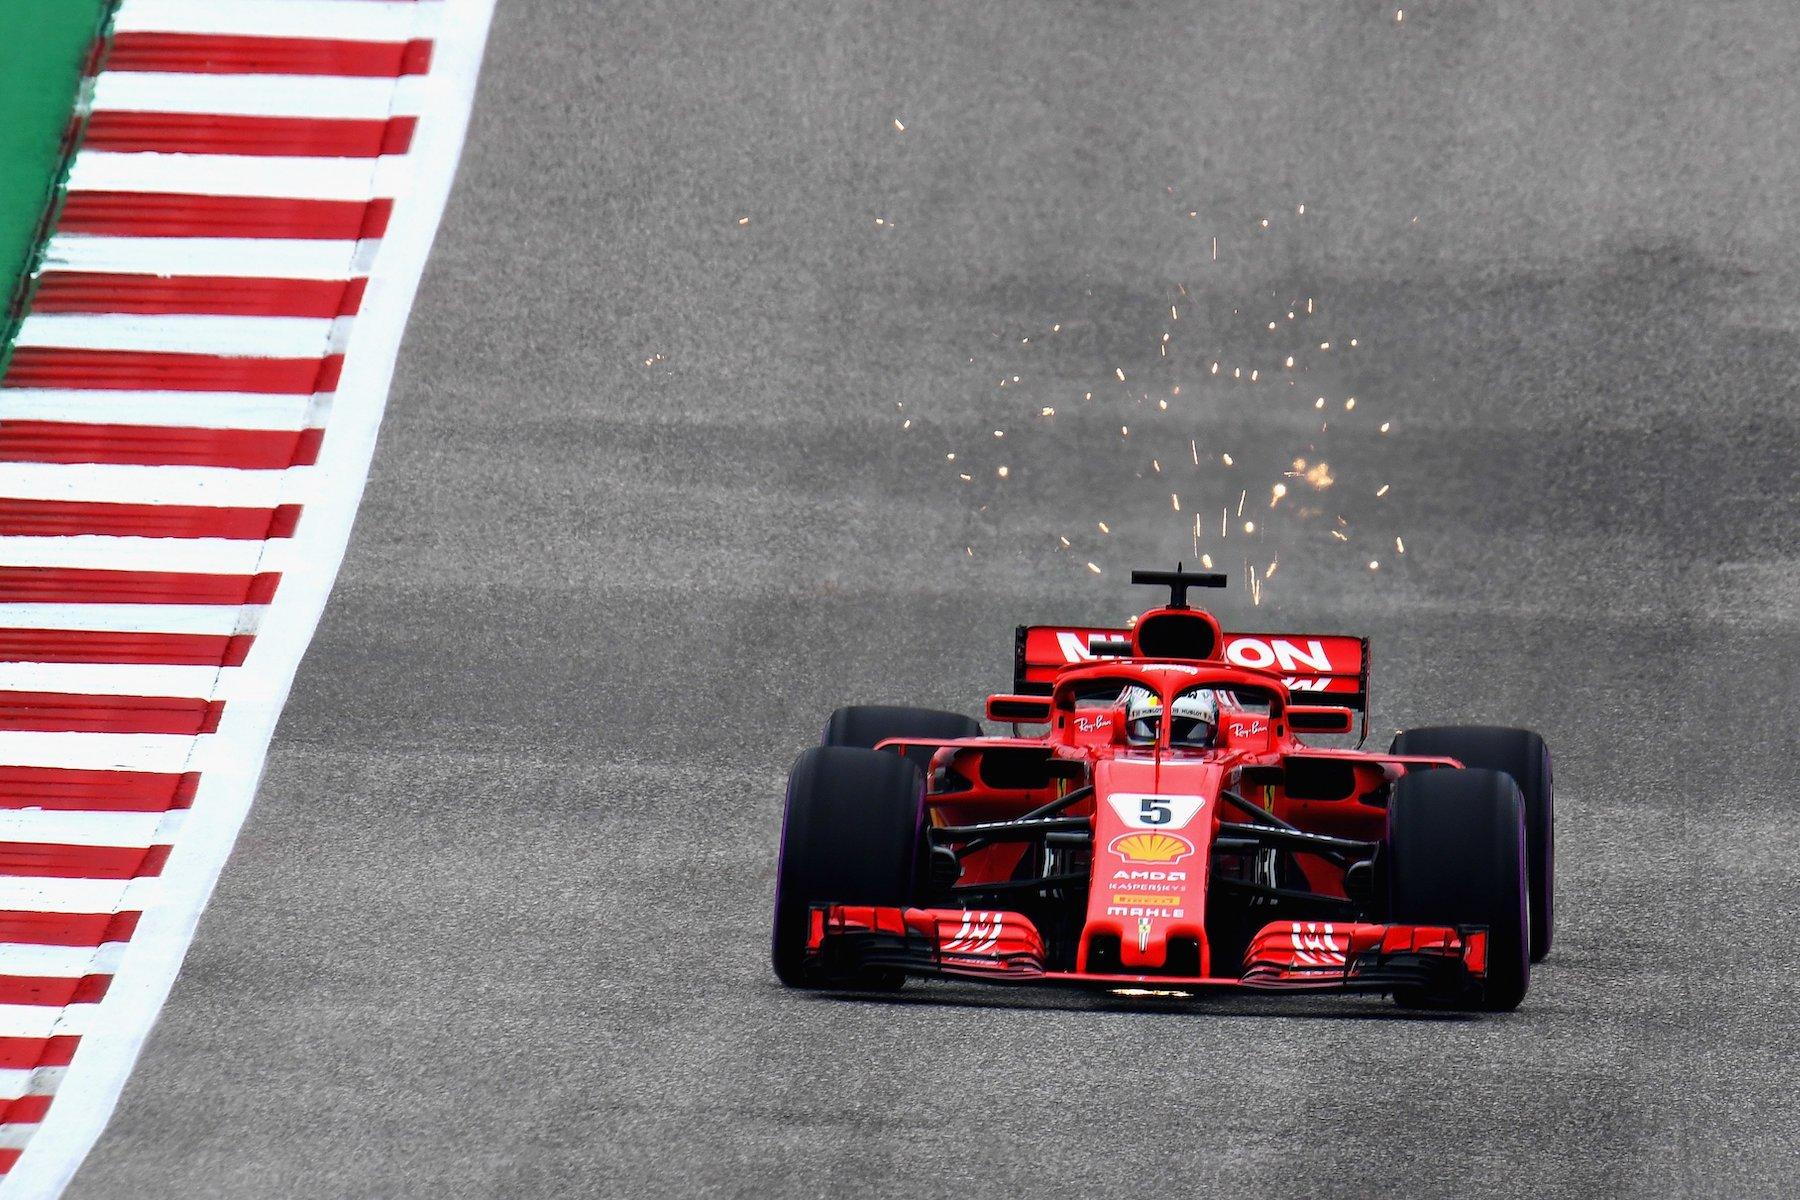 F 2018 Sebastian Vettel | Ferrari SF71H | 2018 USGP FP3 1 copy.jpg